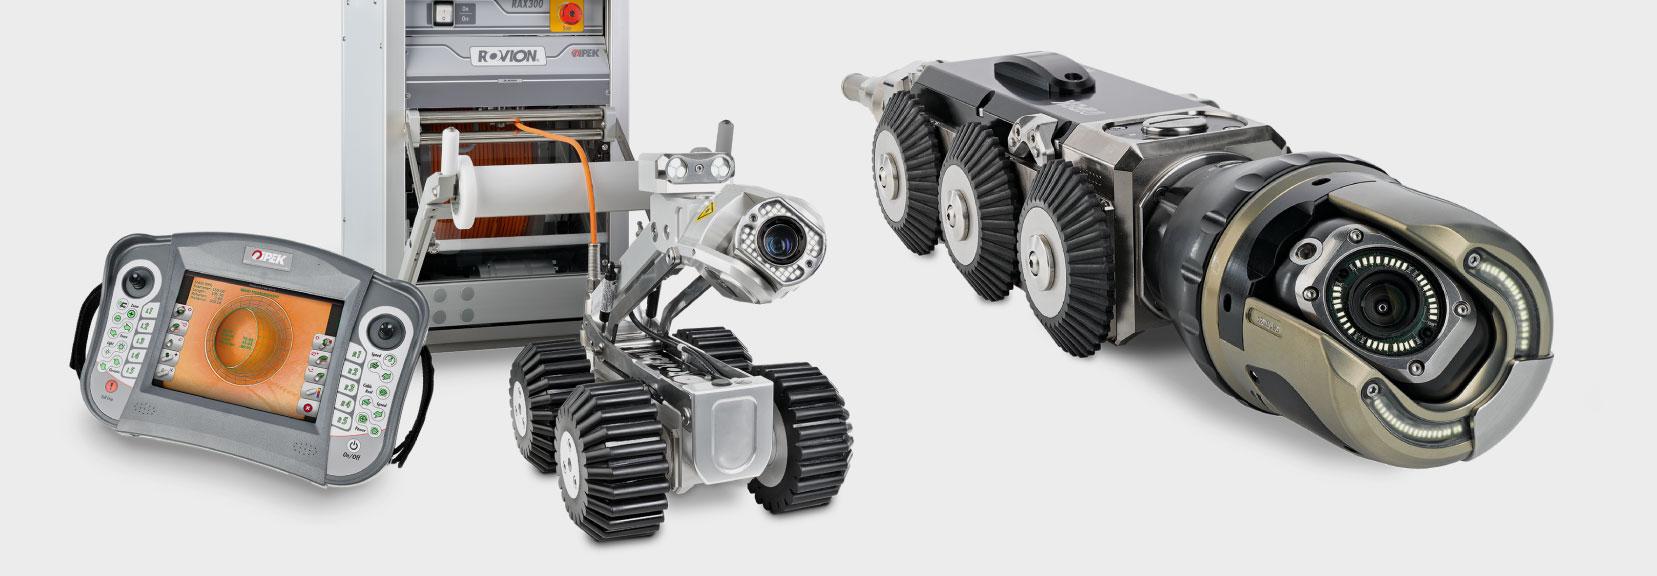 צילום פנים צנרת מערכות רובוטית RX-130